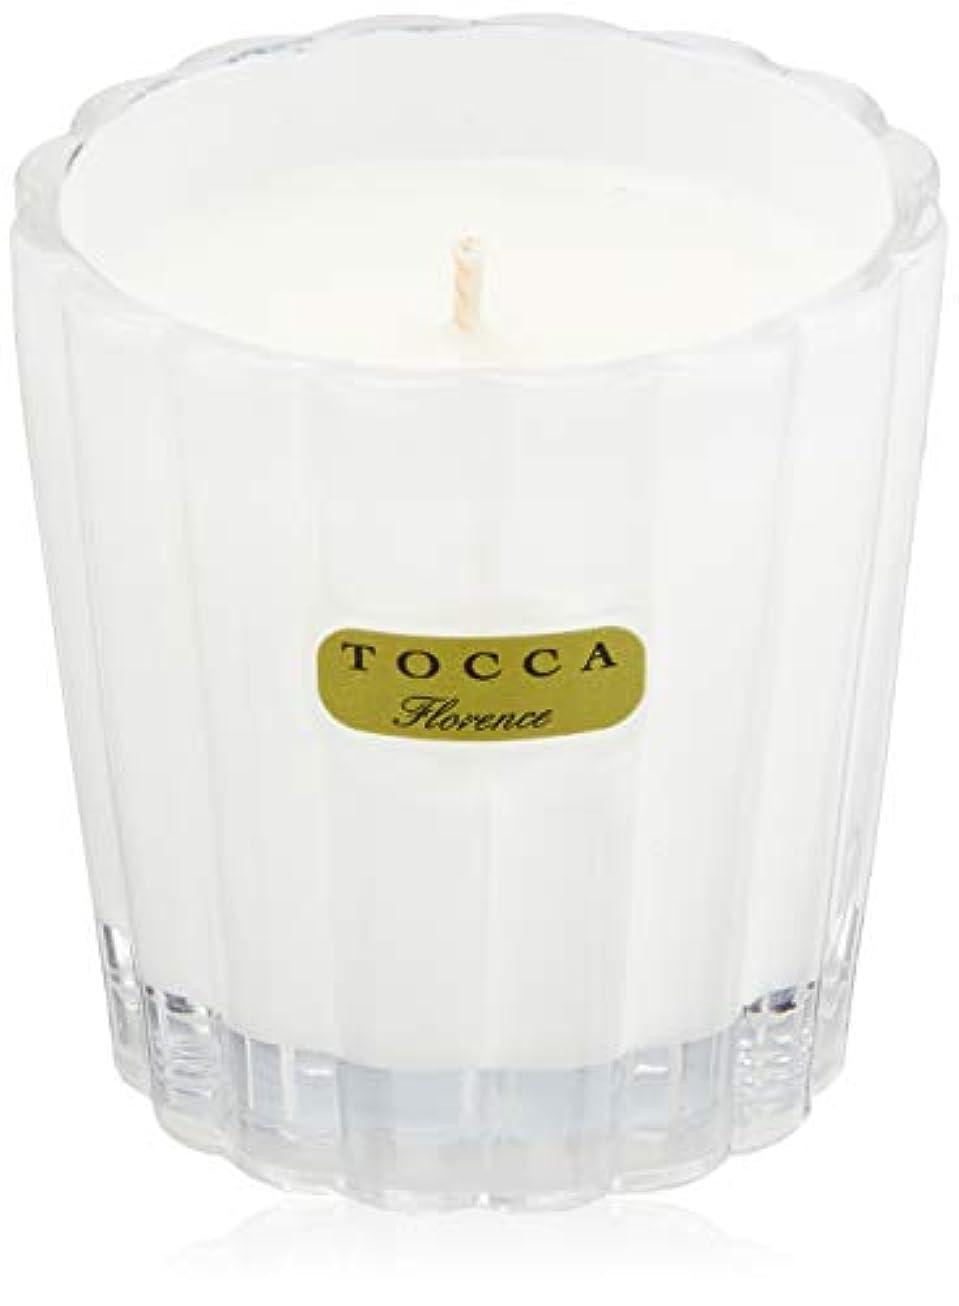 荒らす神経衰弱のためトッカ(TOCCA) キャンデリーナ フローレンスの香り 約85g (キャンドル ろうそく 上品なフローラルの香り)